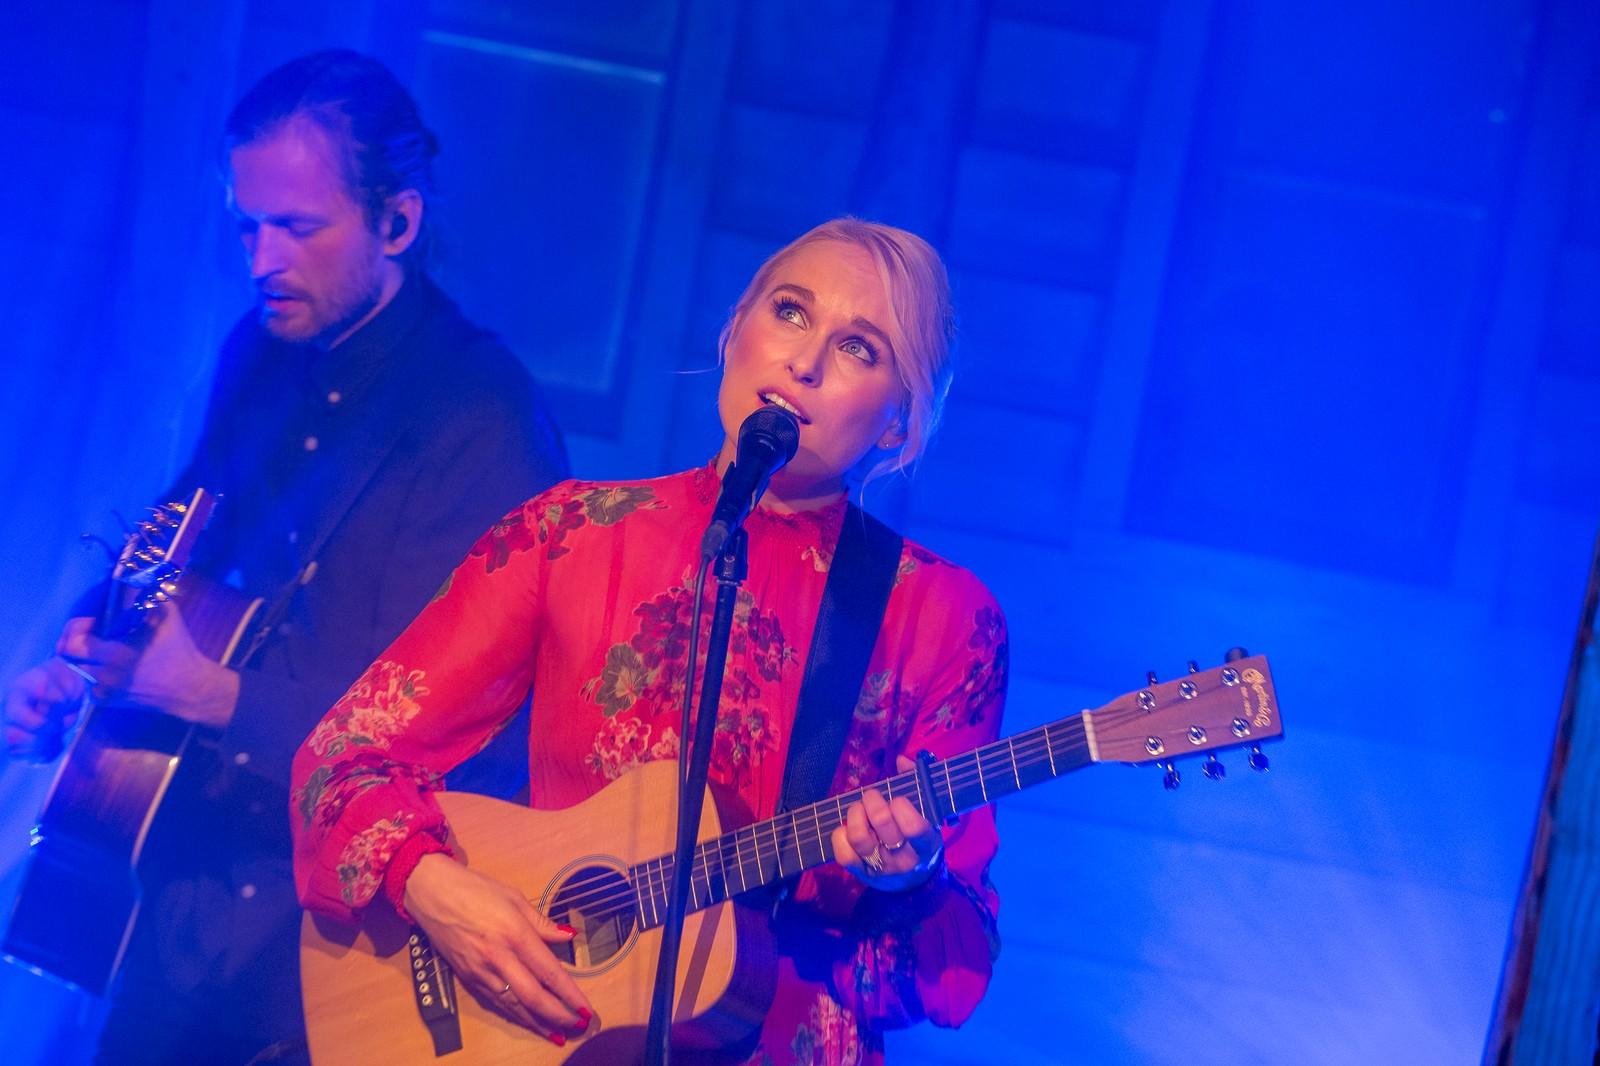 – Heile dagen er berre heilt magisk, sa Eva Weel Skram til NRK før ho gjekk på scena inne i konsertlåven.